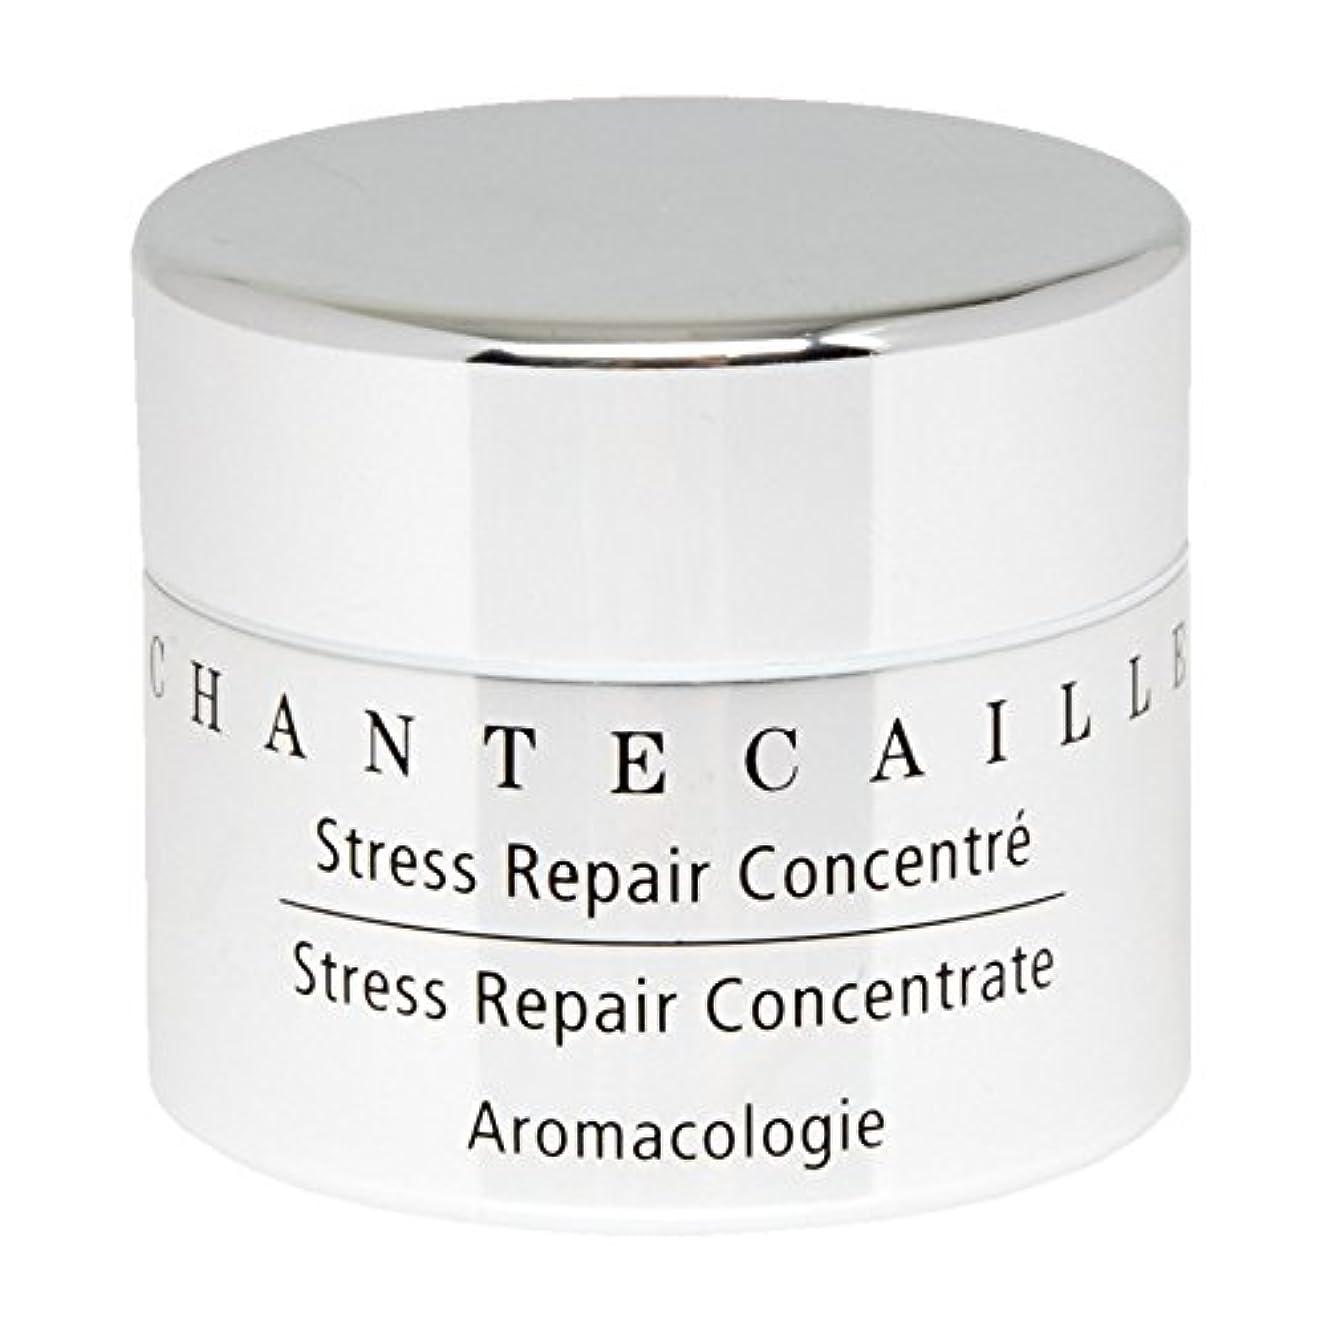 所有権植物の満州シャンテカイユストレス修復濃縮15ミリリットル x2 - Chantecaille Stress Repair Concentrate 15ml (Pack of 2) [並行輸入品]